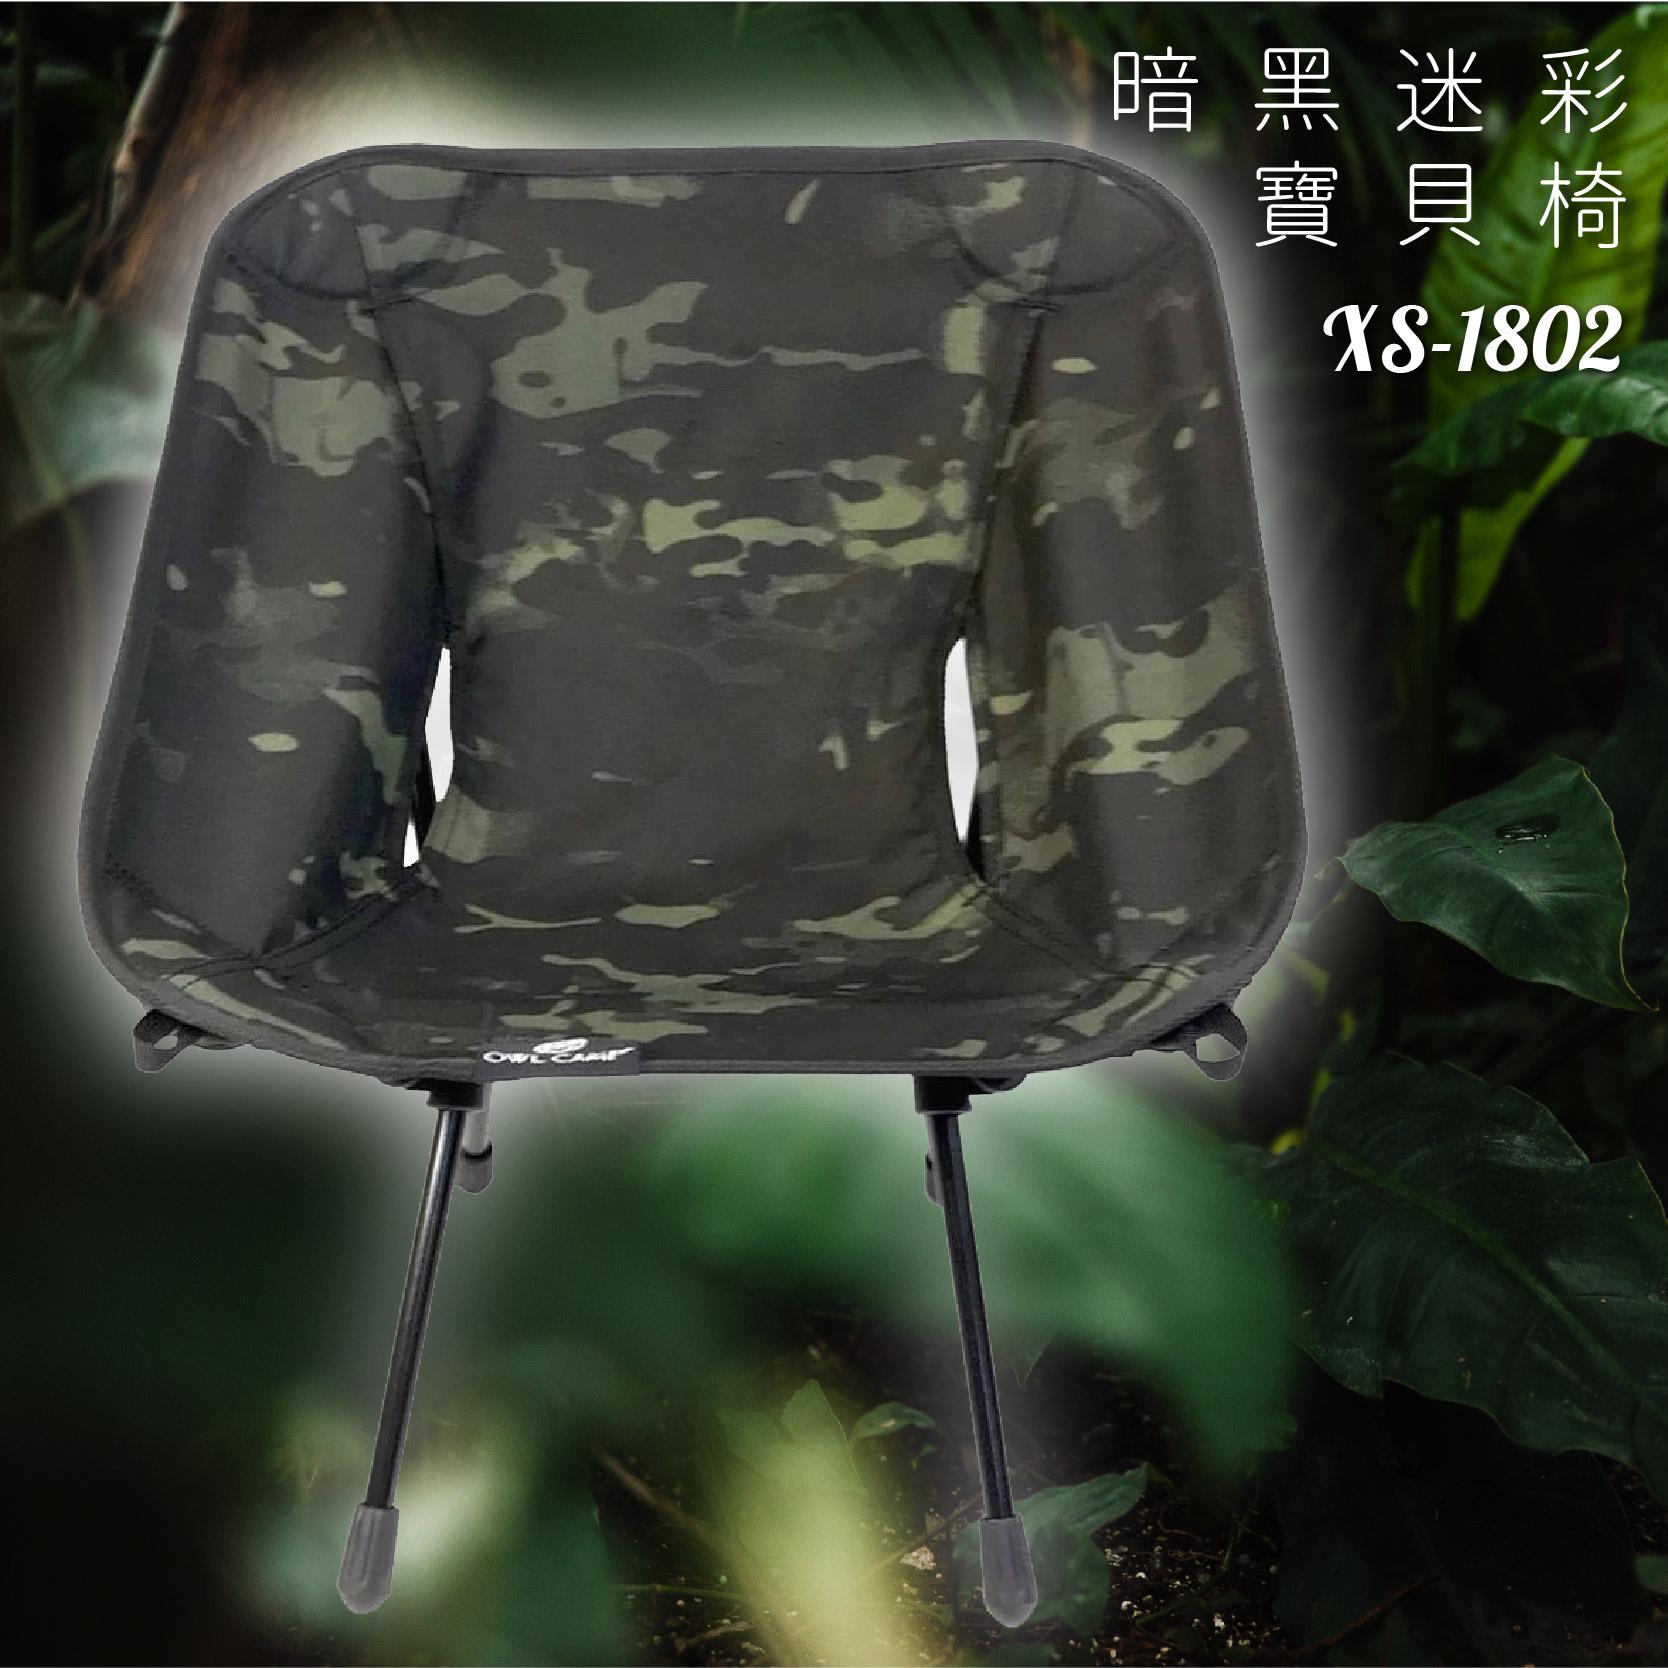 好想去旅行!寶貝椅 XS-1802 暗黑迷彩 露營椅 摺疊椅 收納椅 沙灘椅 輕巧 時尚 旅行 假期 鋁合金 機能布